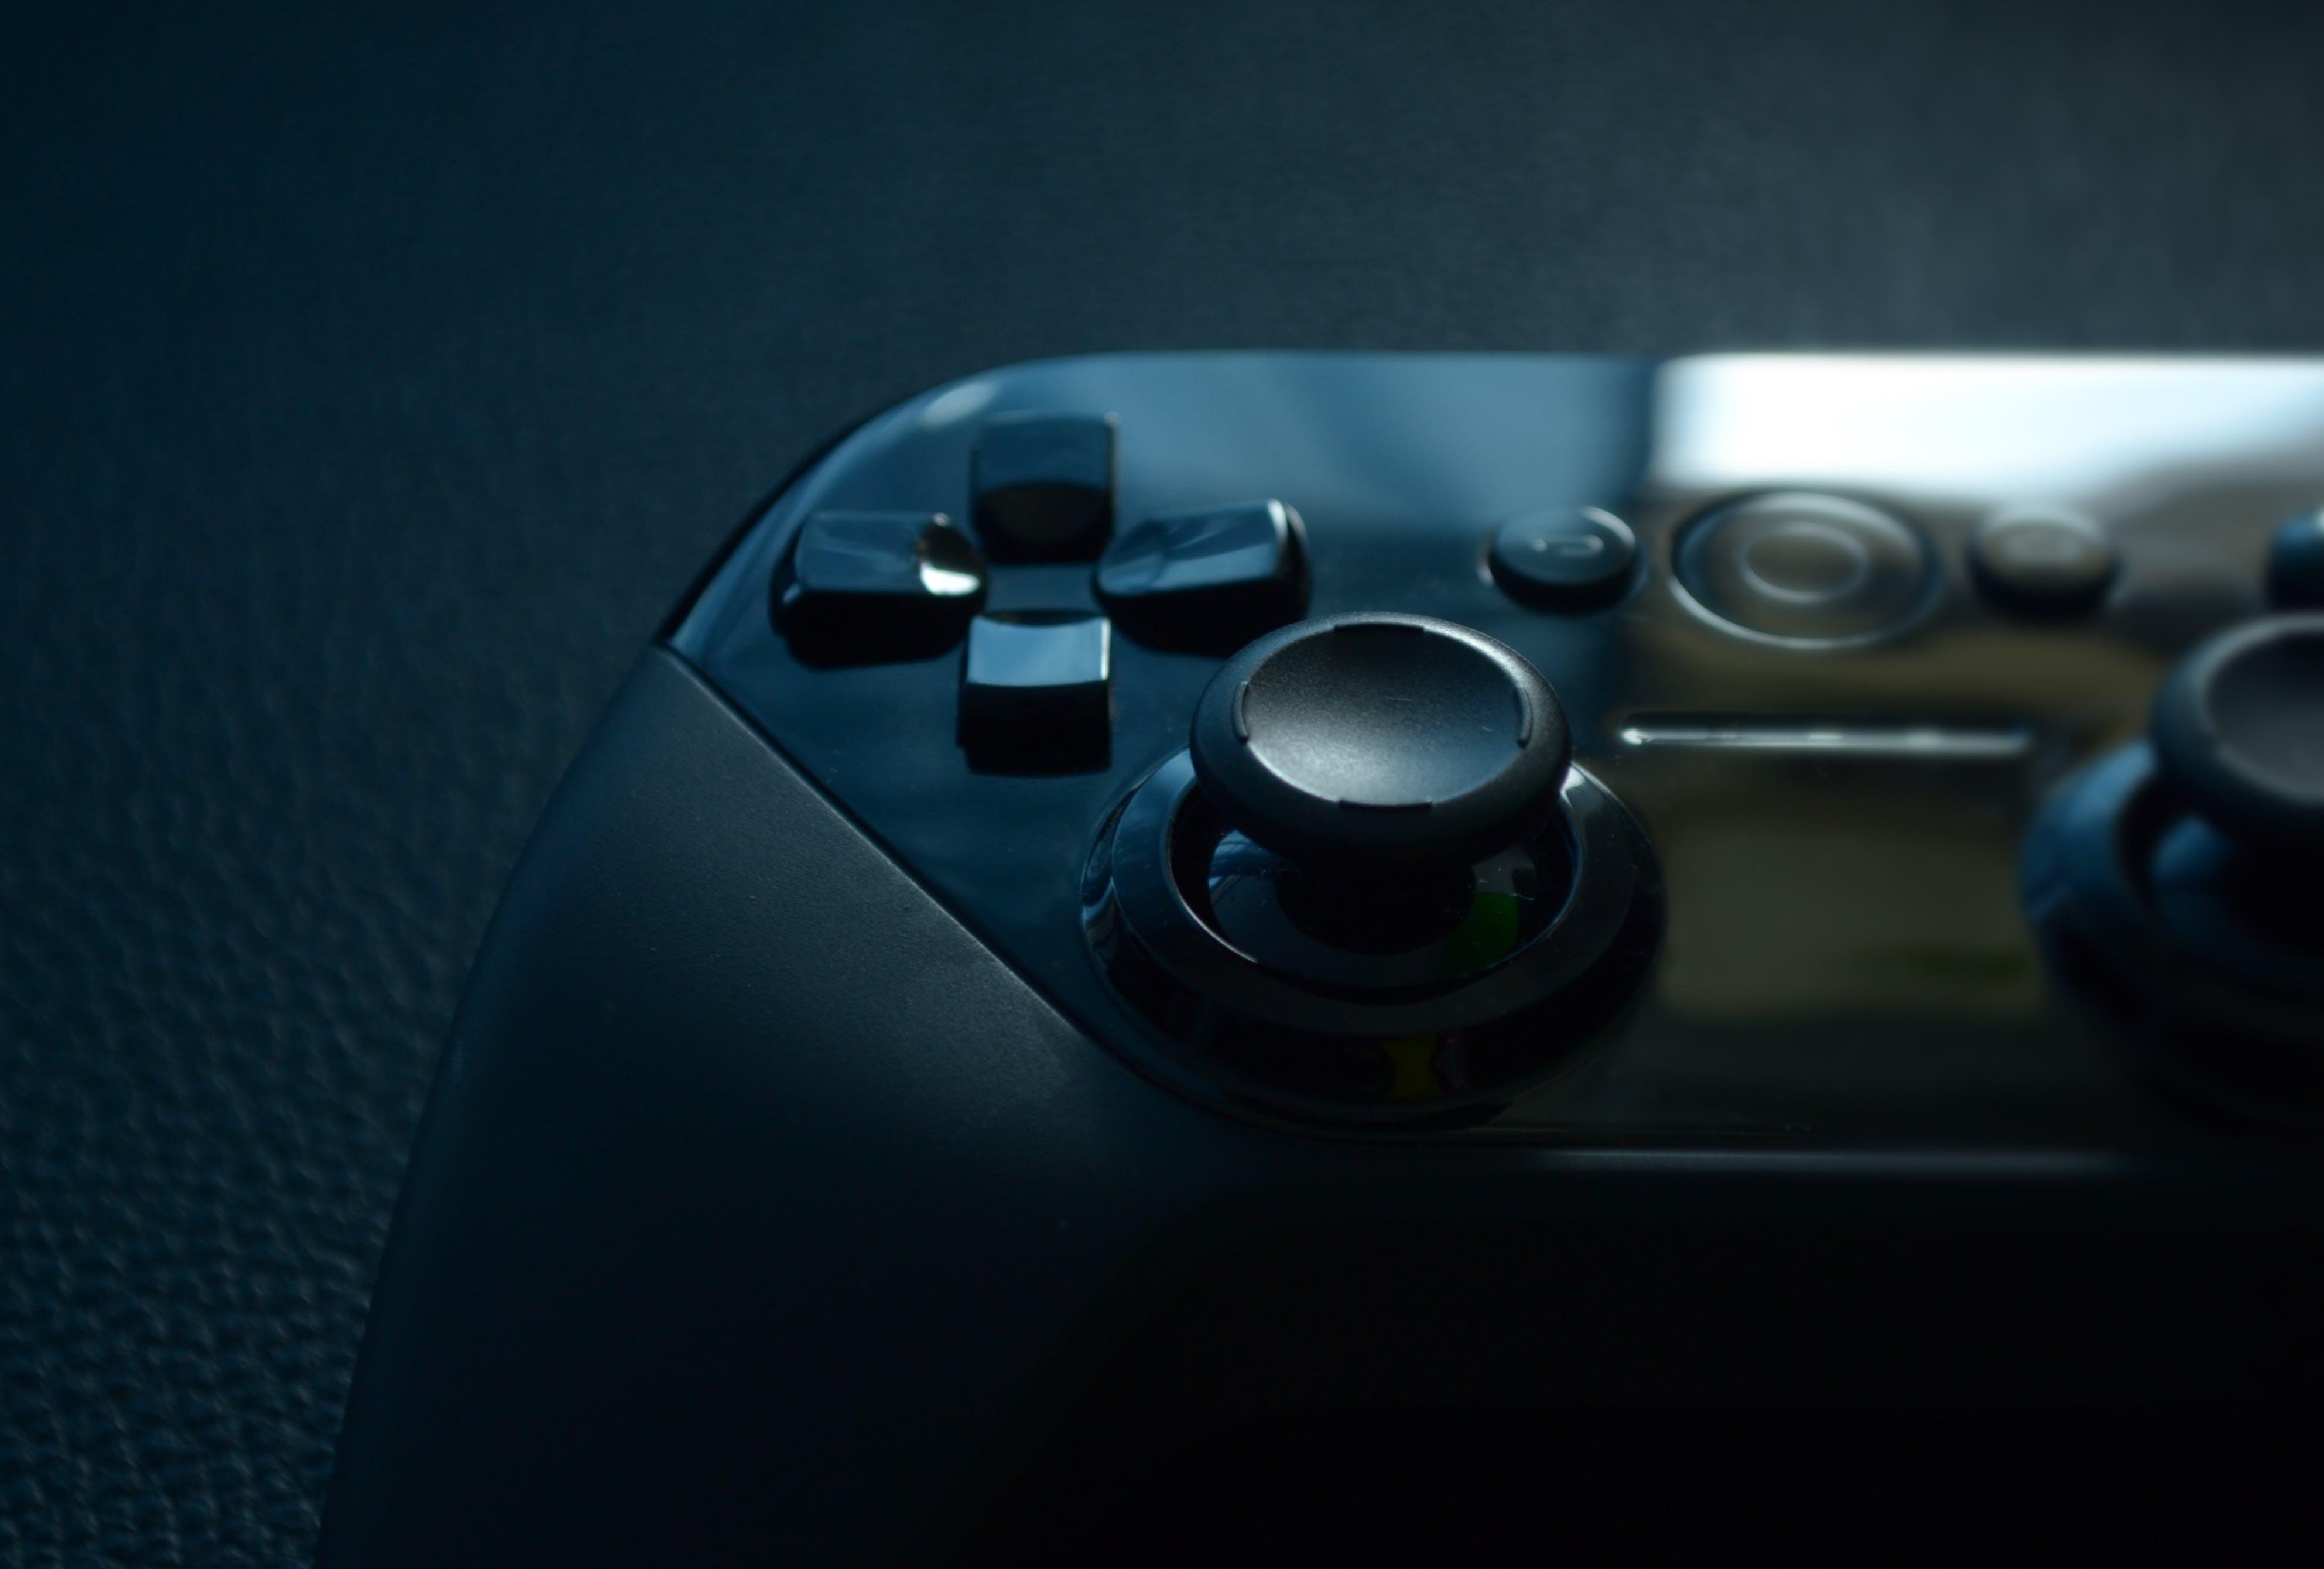 คลังภาพถ่ายฟรี ของ การเล่นเกม, ควบคุม, ความบันเทิง, คอนโทรลเลอร์